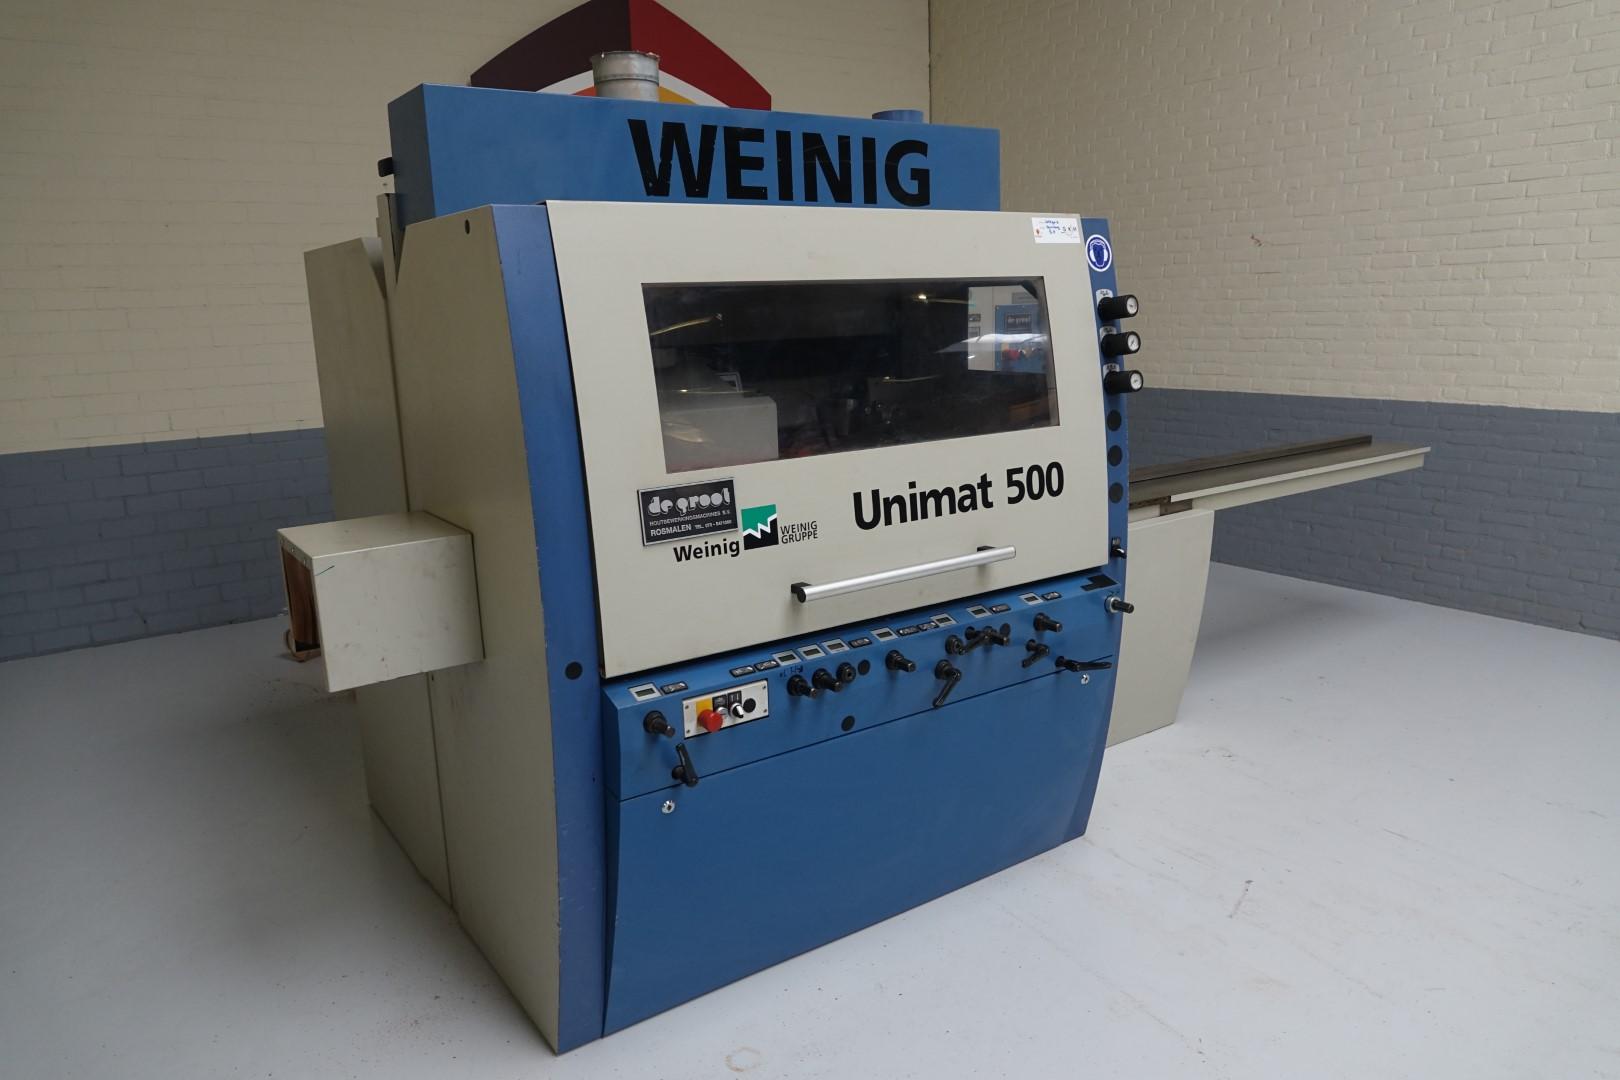 Weinig Unimat 500 gebruikte vierzijdige schaafmachine